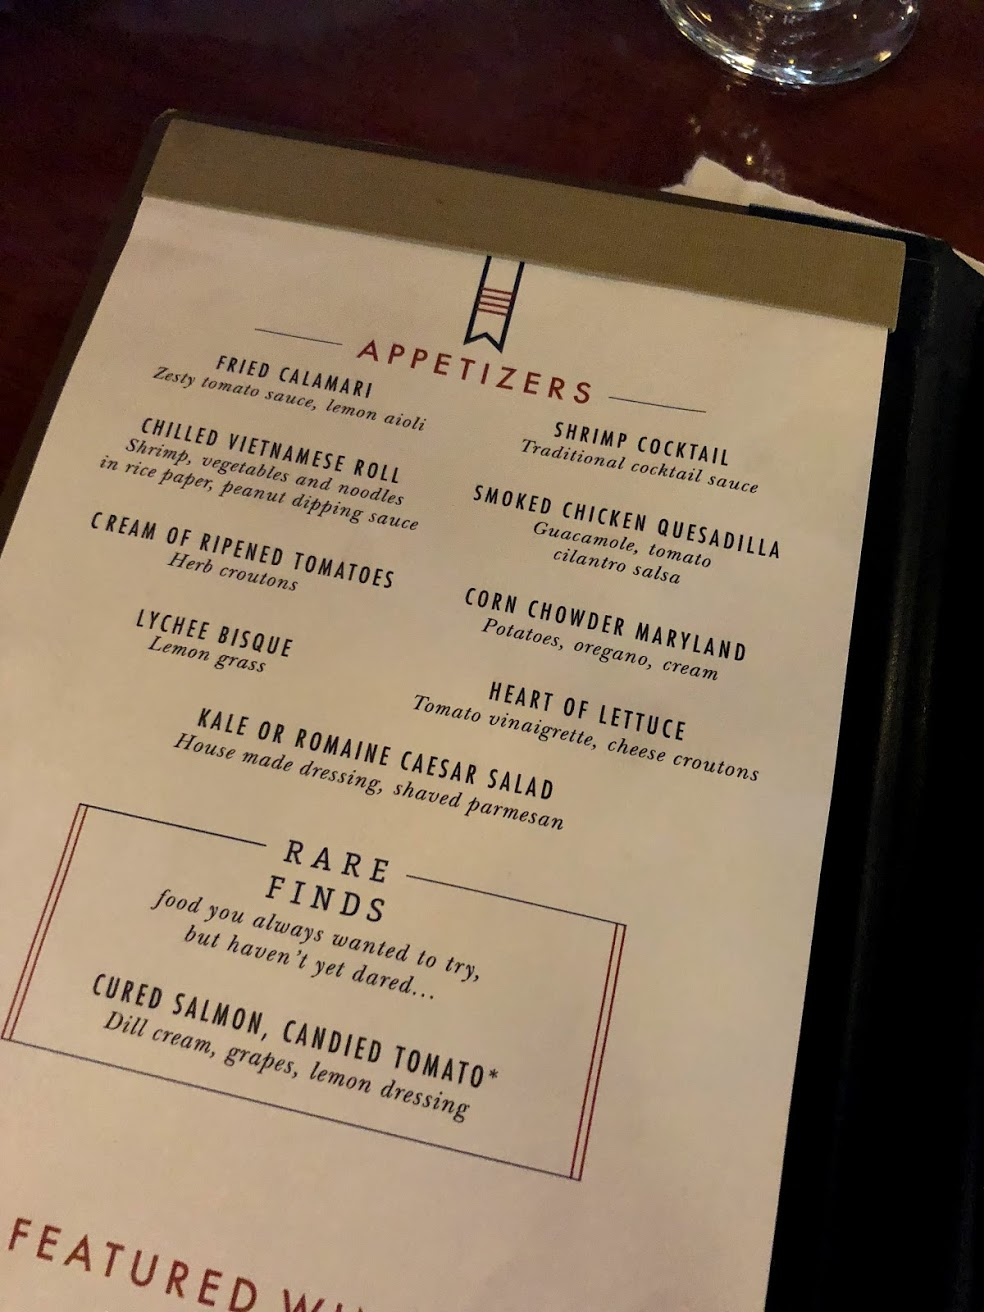 carnival cruise food menu